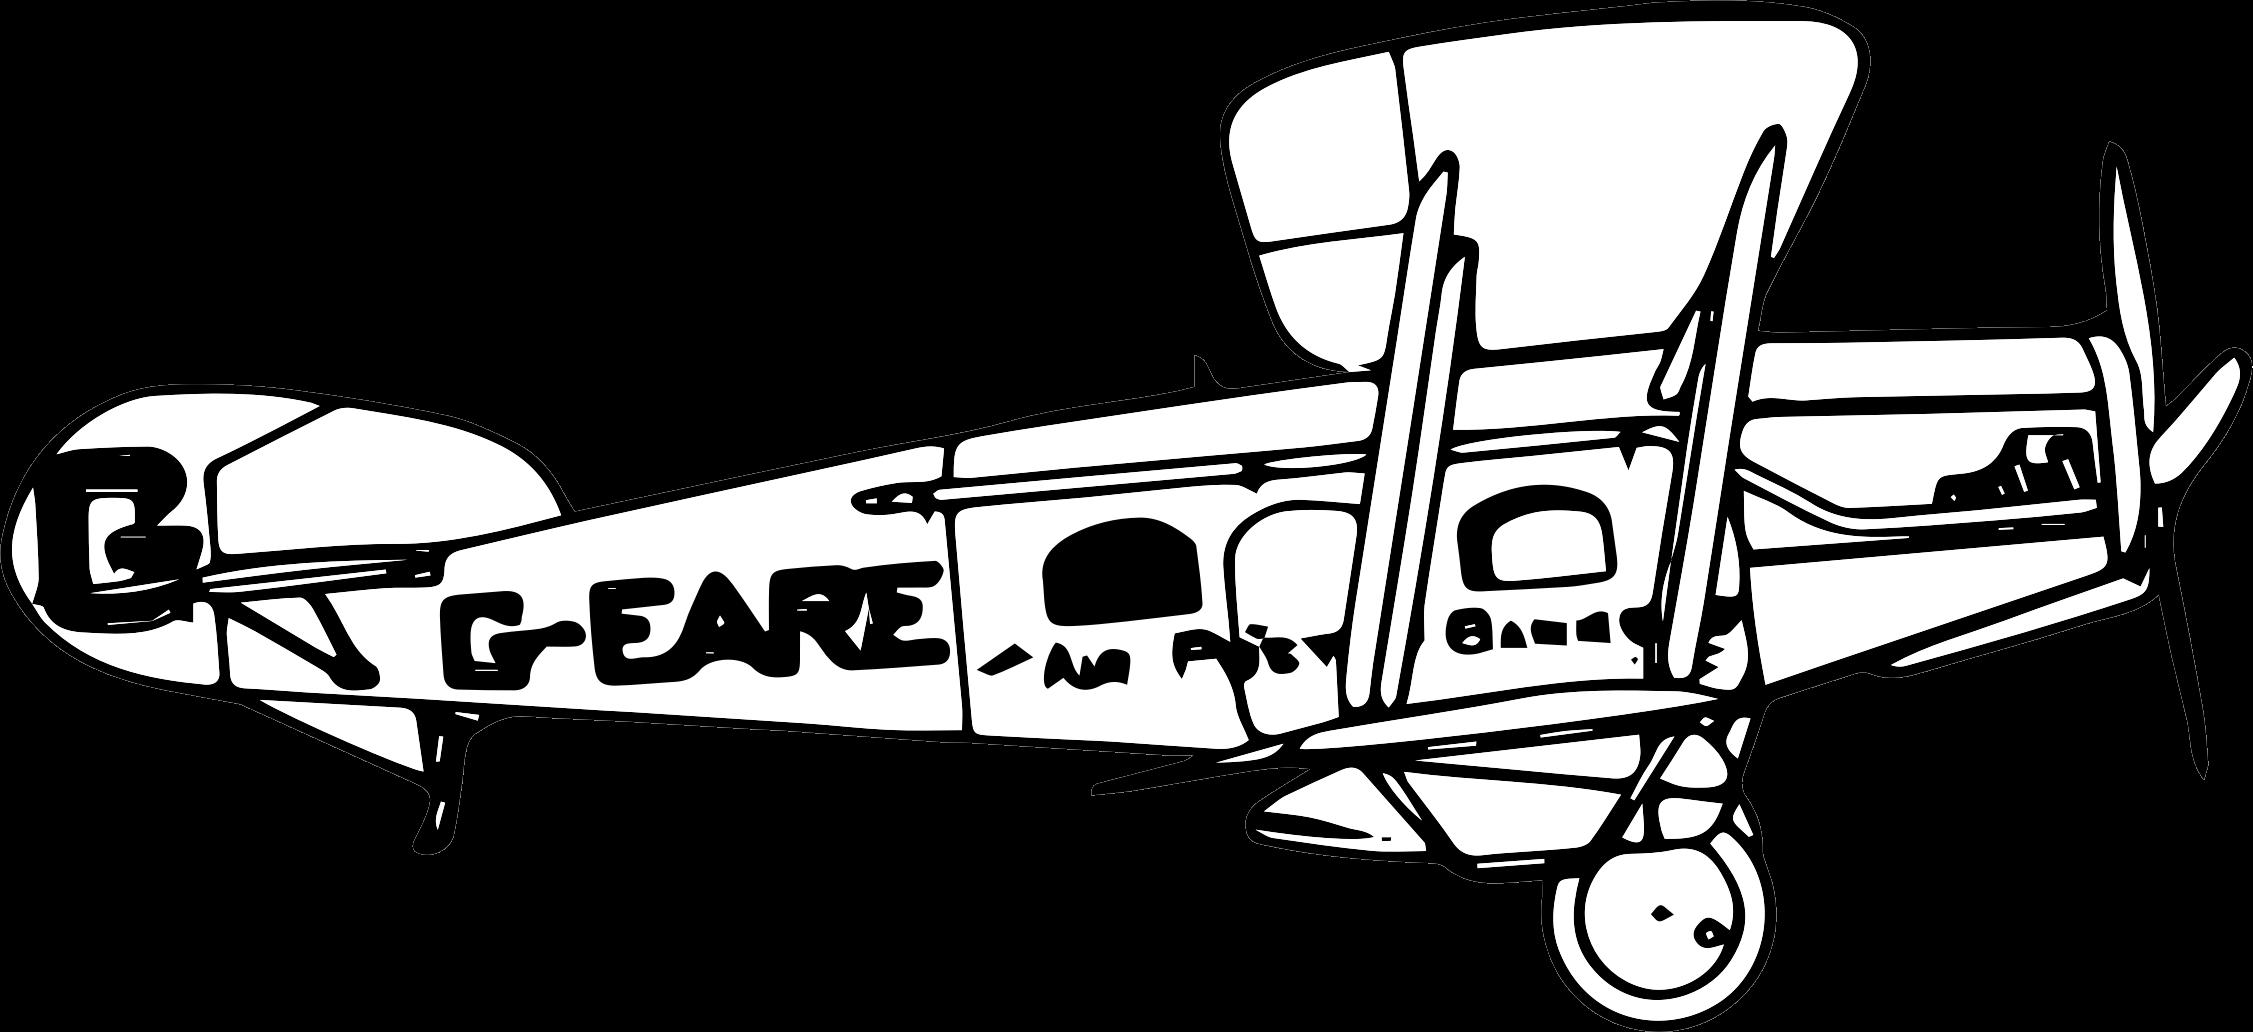 clip transparent download Biplane clipart. Westland limousine big image